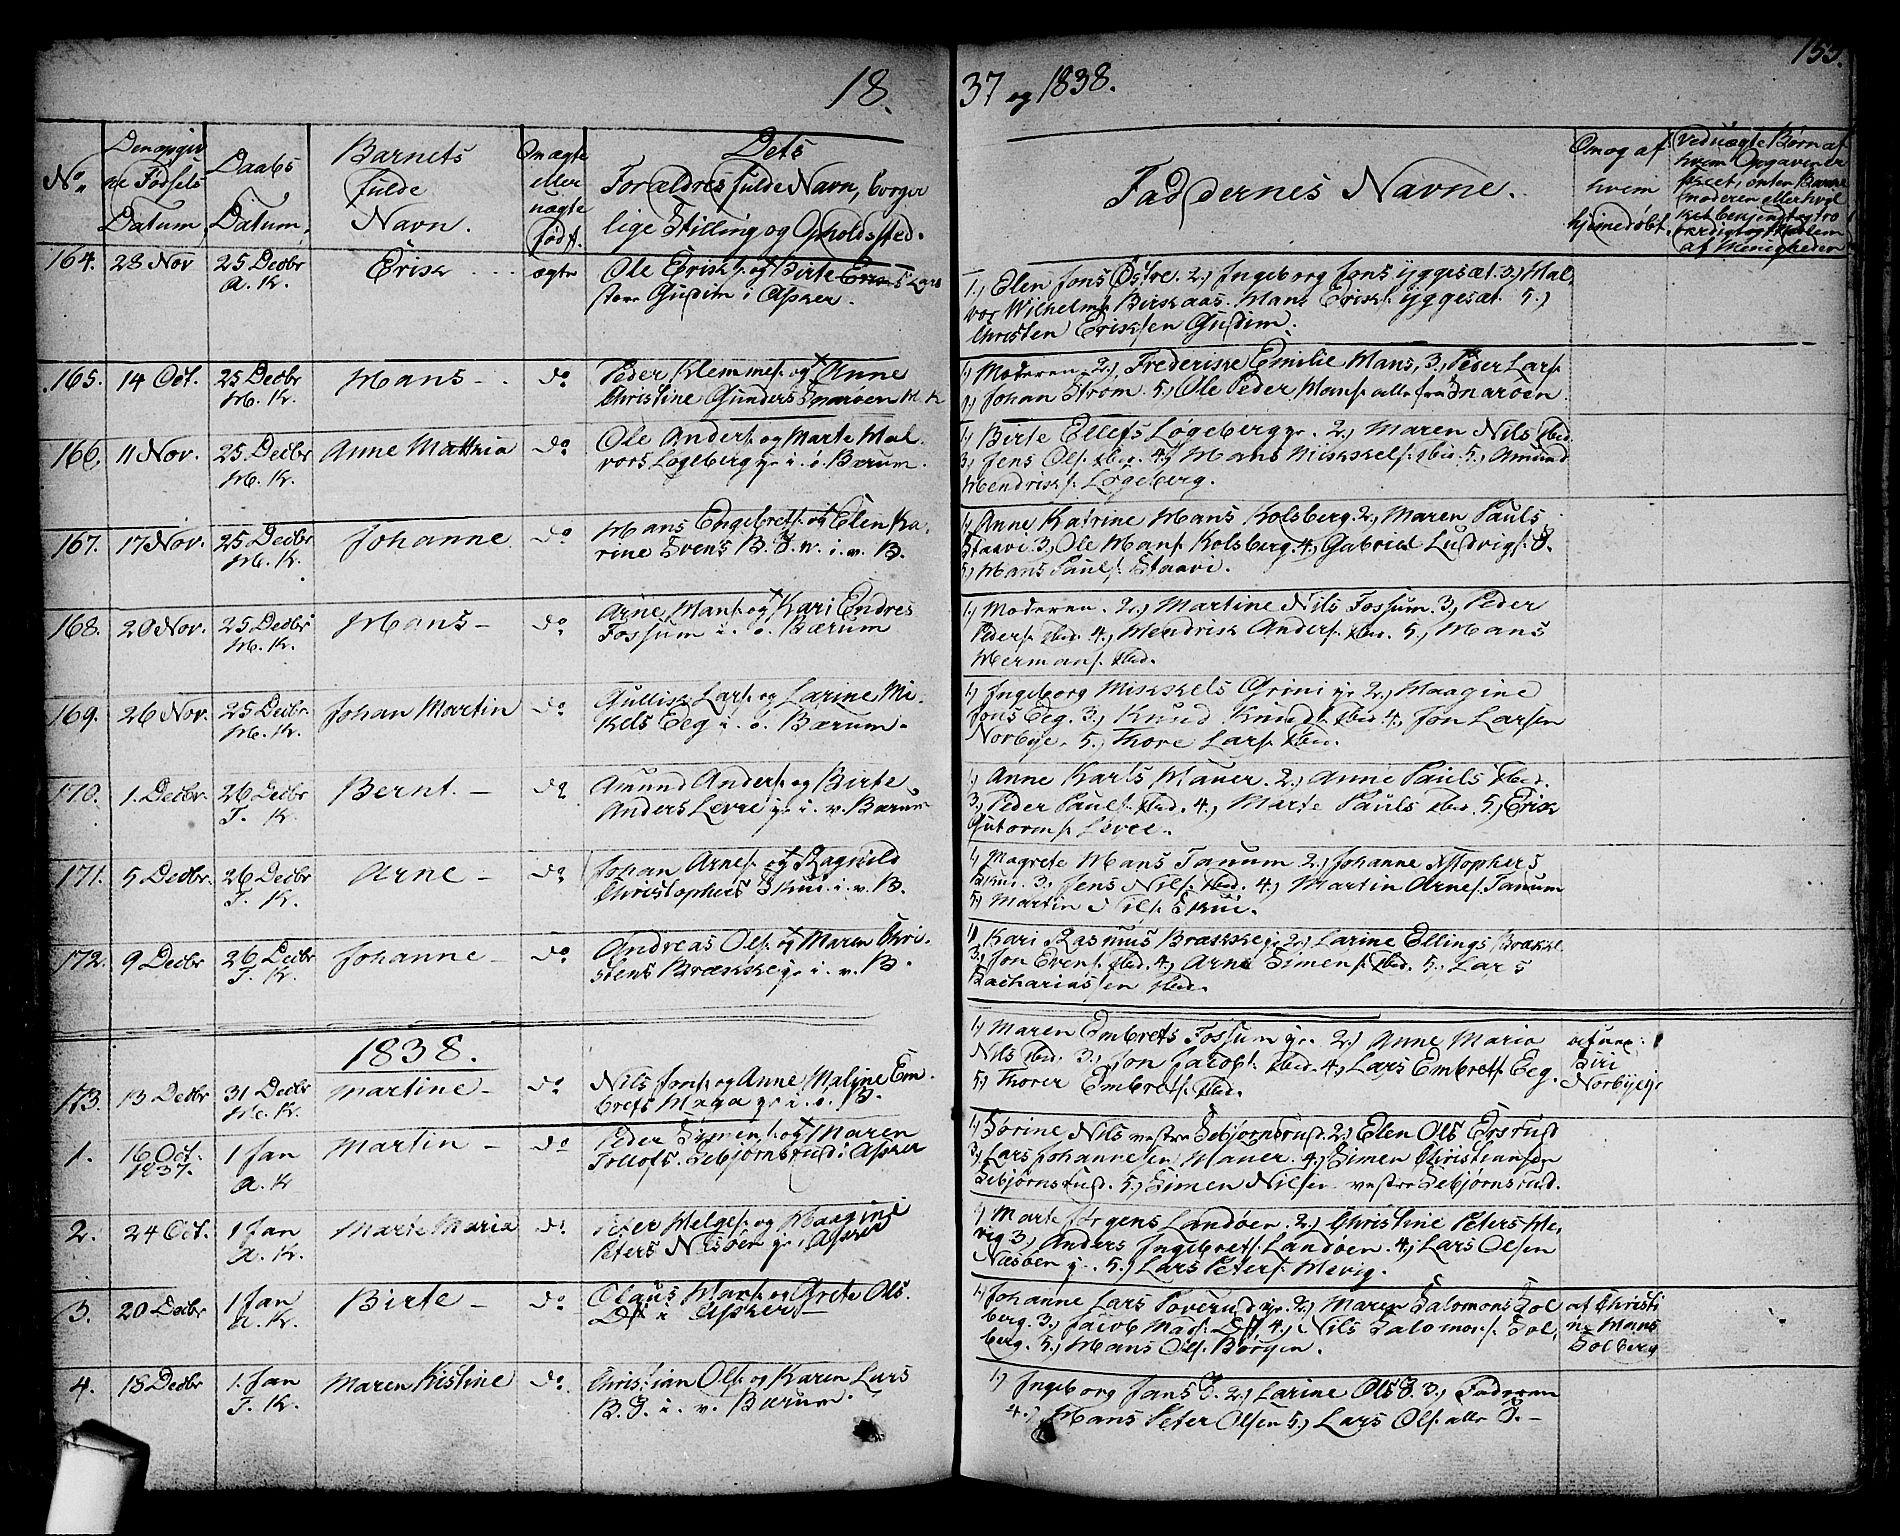 SAO, Asker prestekontor Kirkebøker, F/Fa/L0007: Ministerialbok nr. I 7, 1825-1864, s. 153